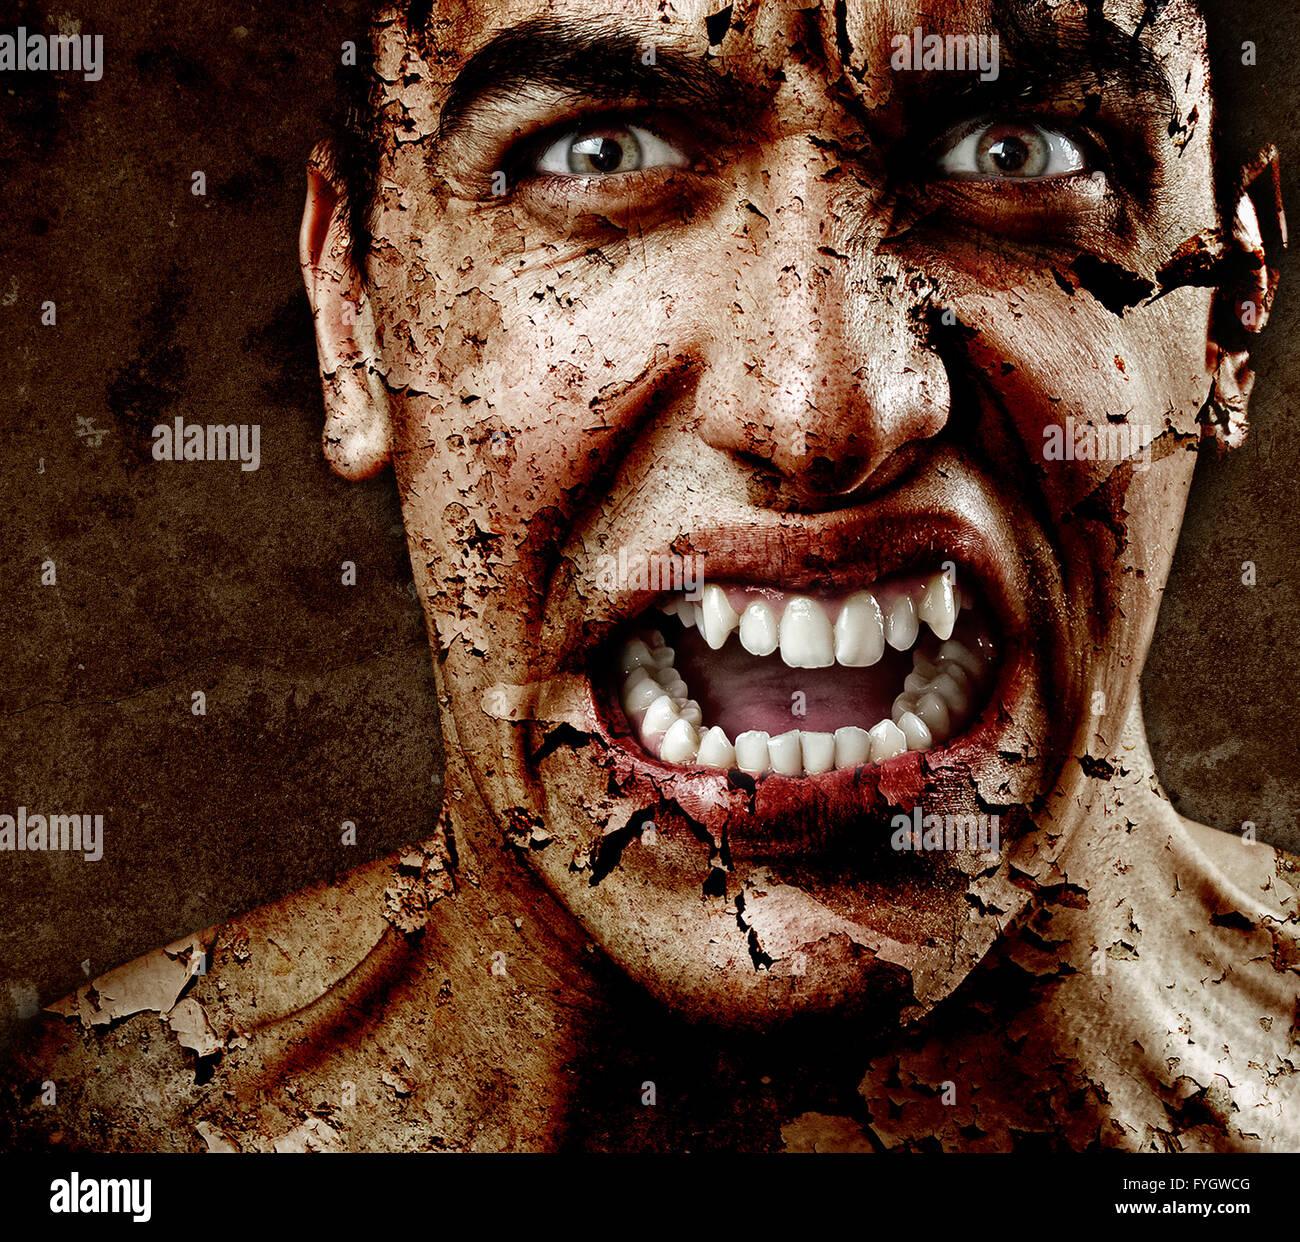 Visage de l'homme effrayant avec une desquamation de la peau texture Photo Stock